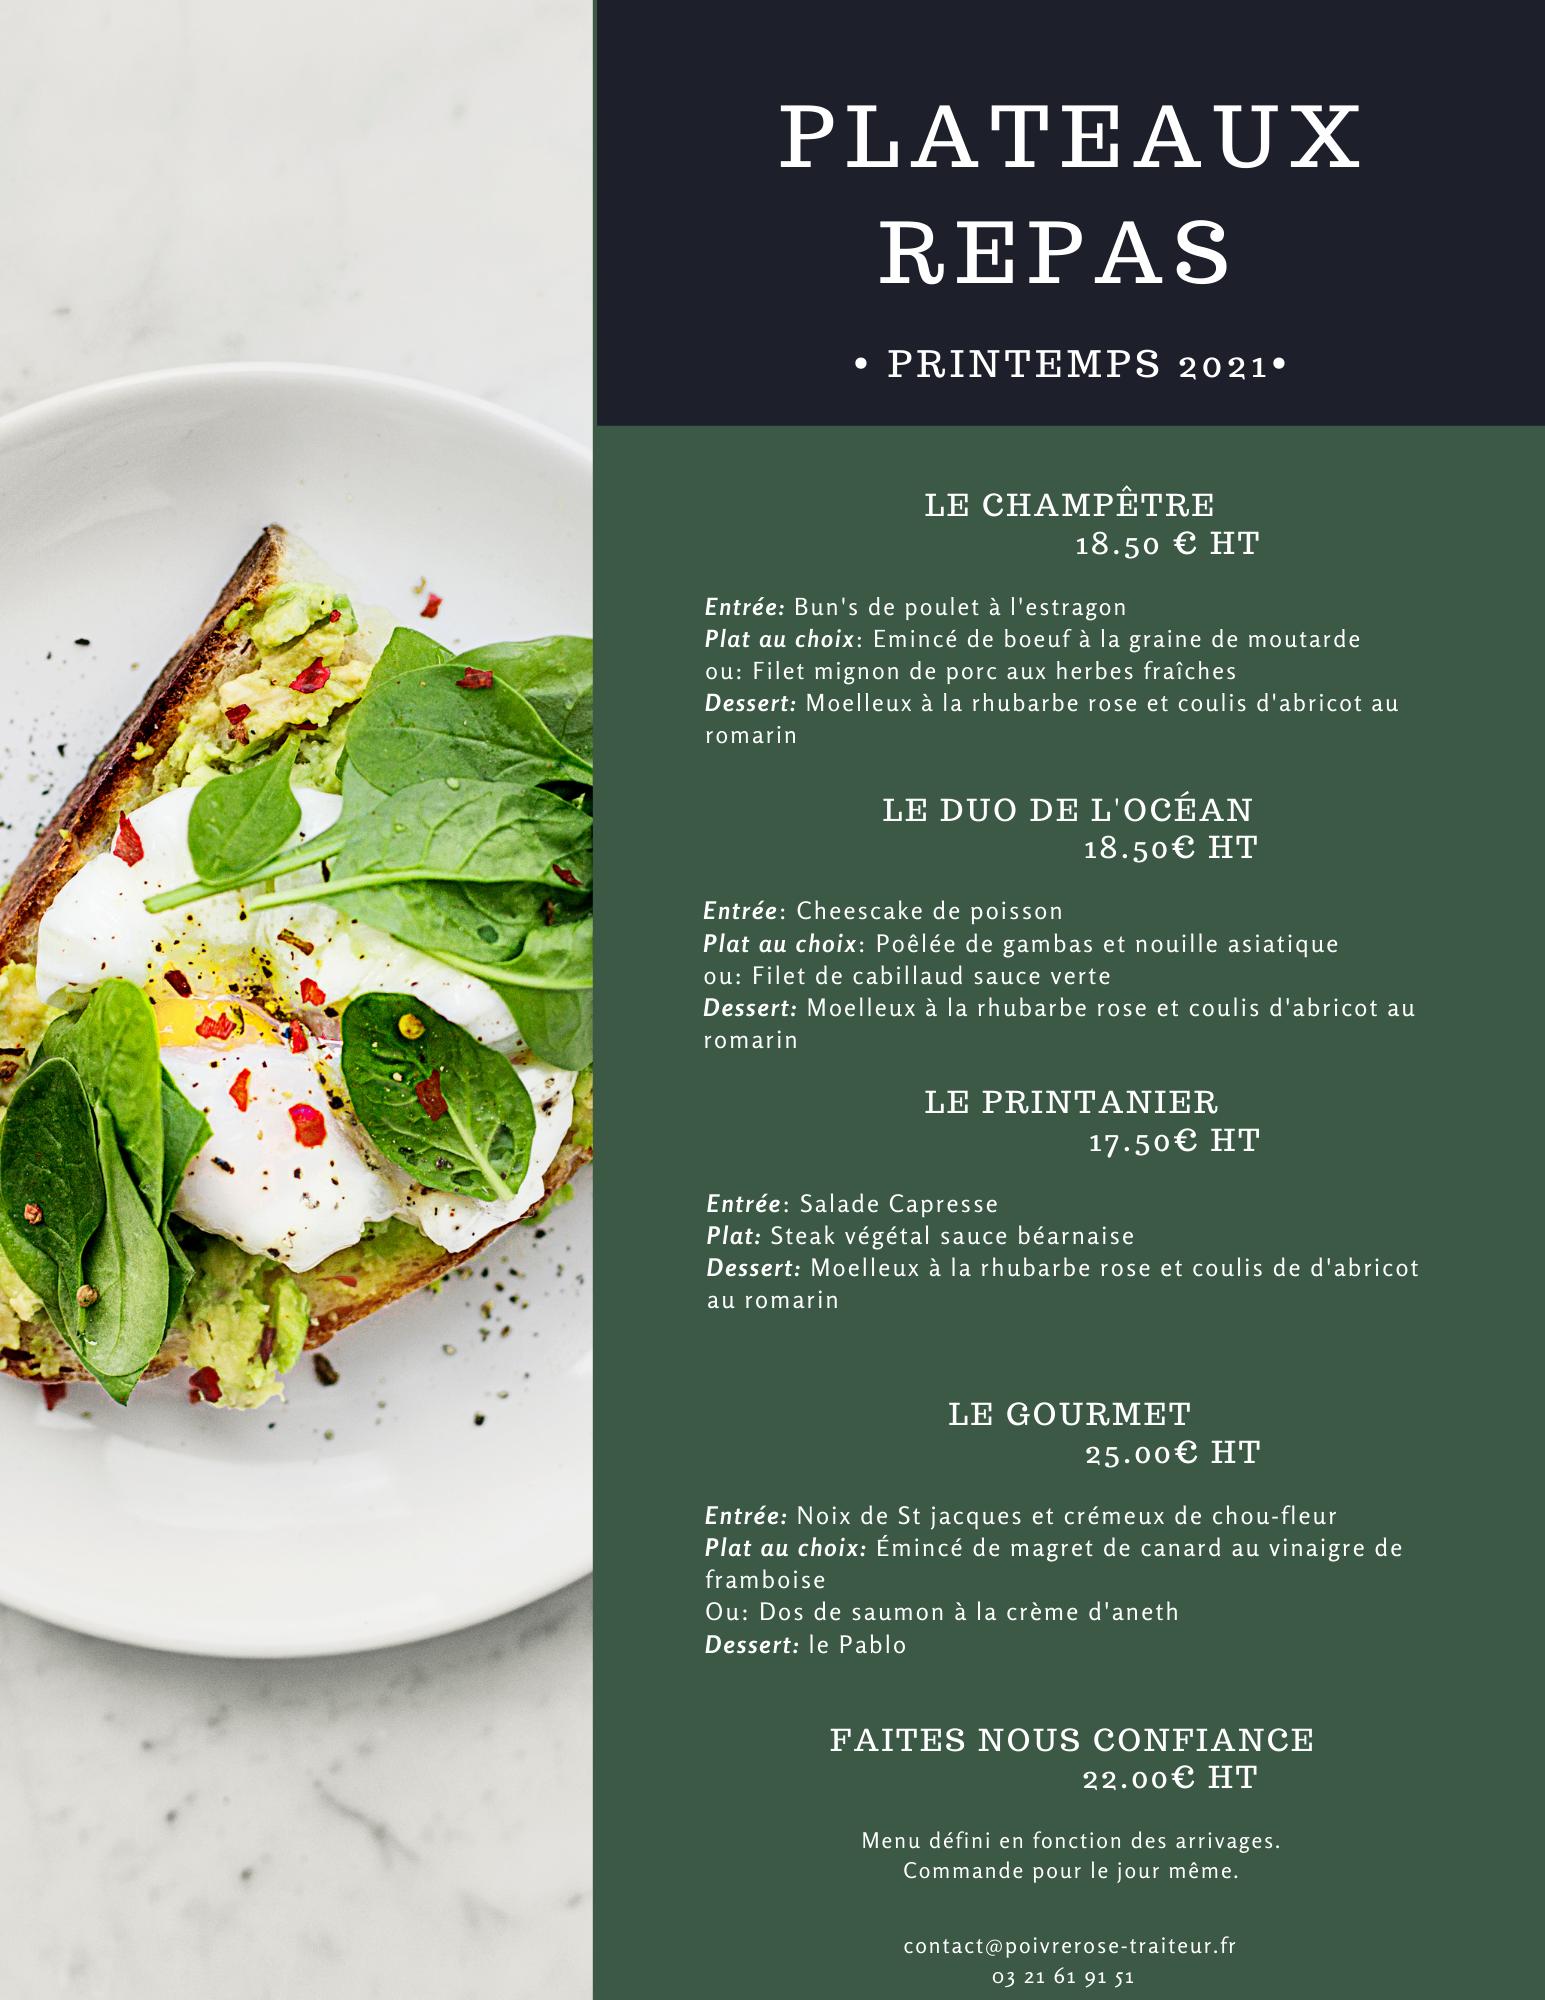 Plateaux repas saison Printemps